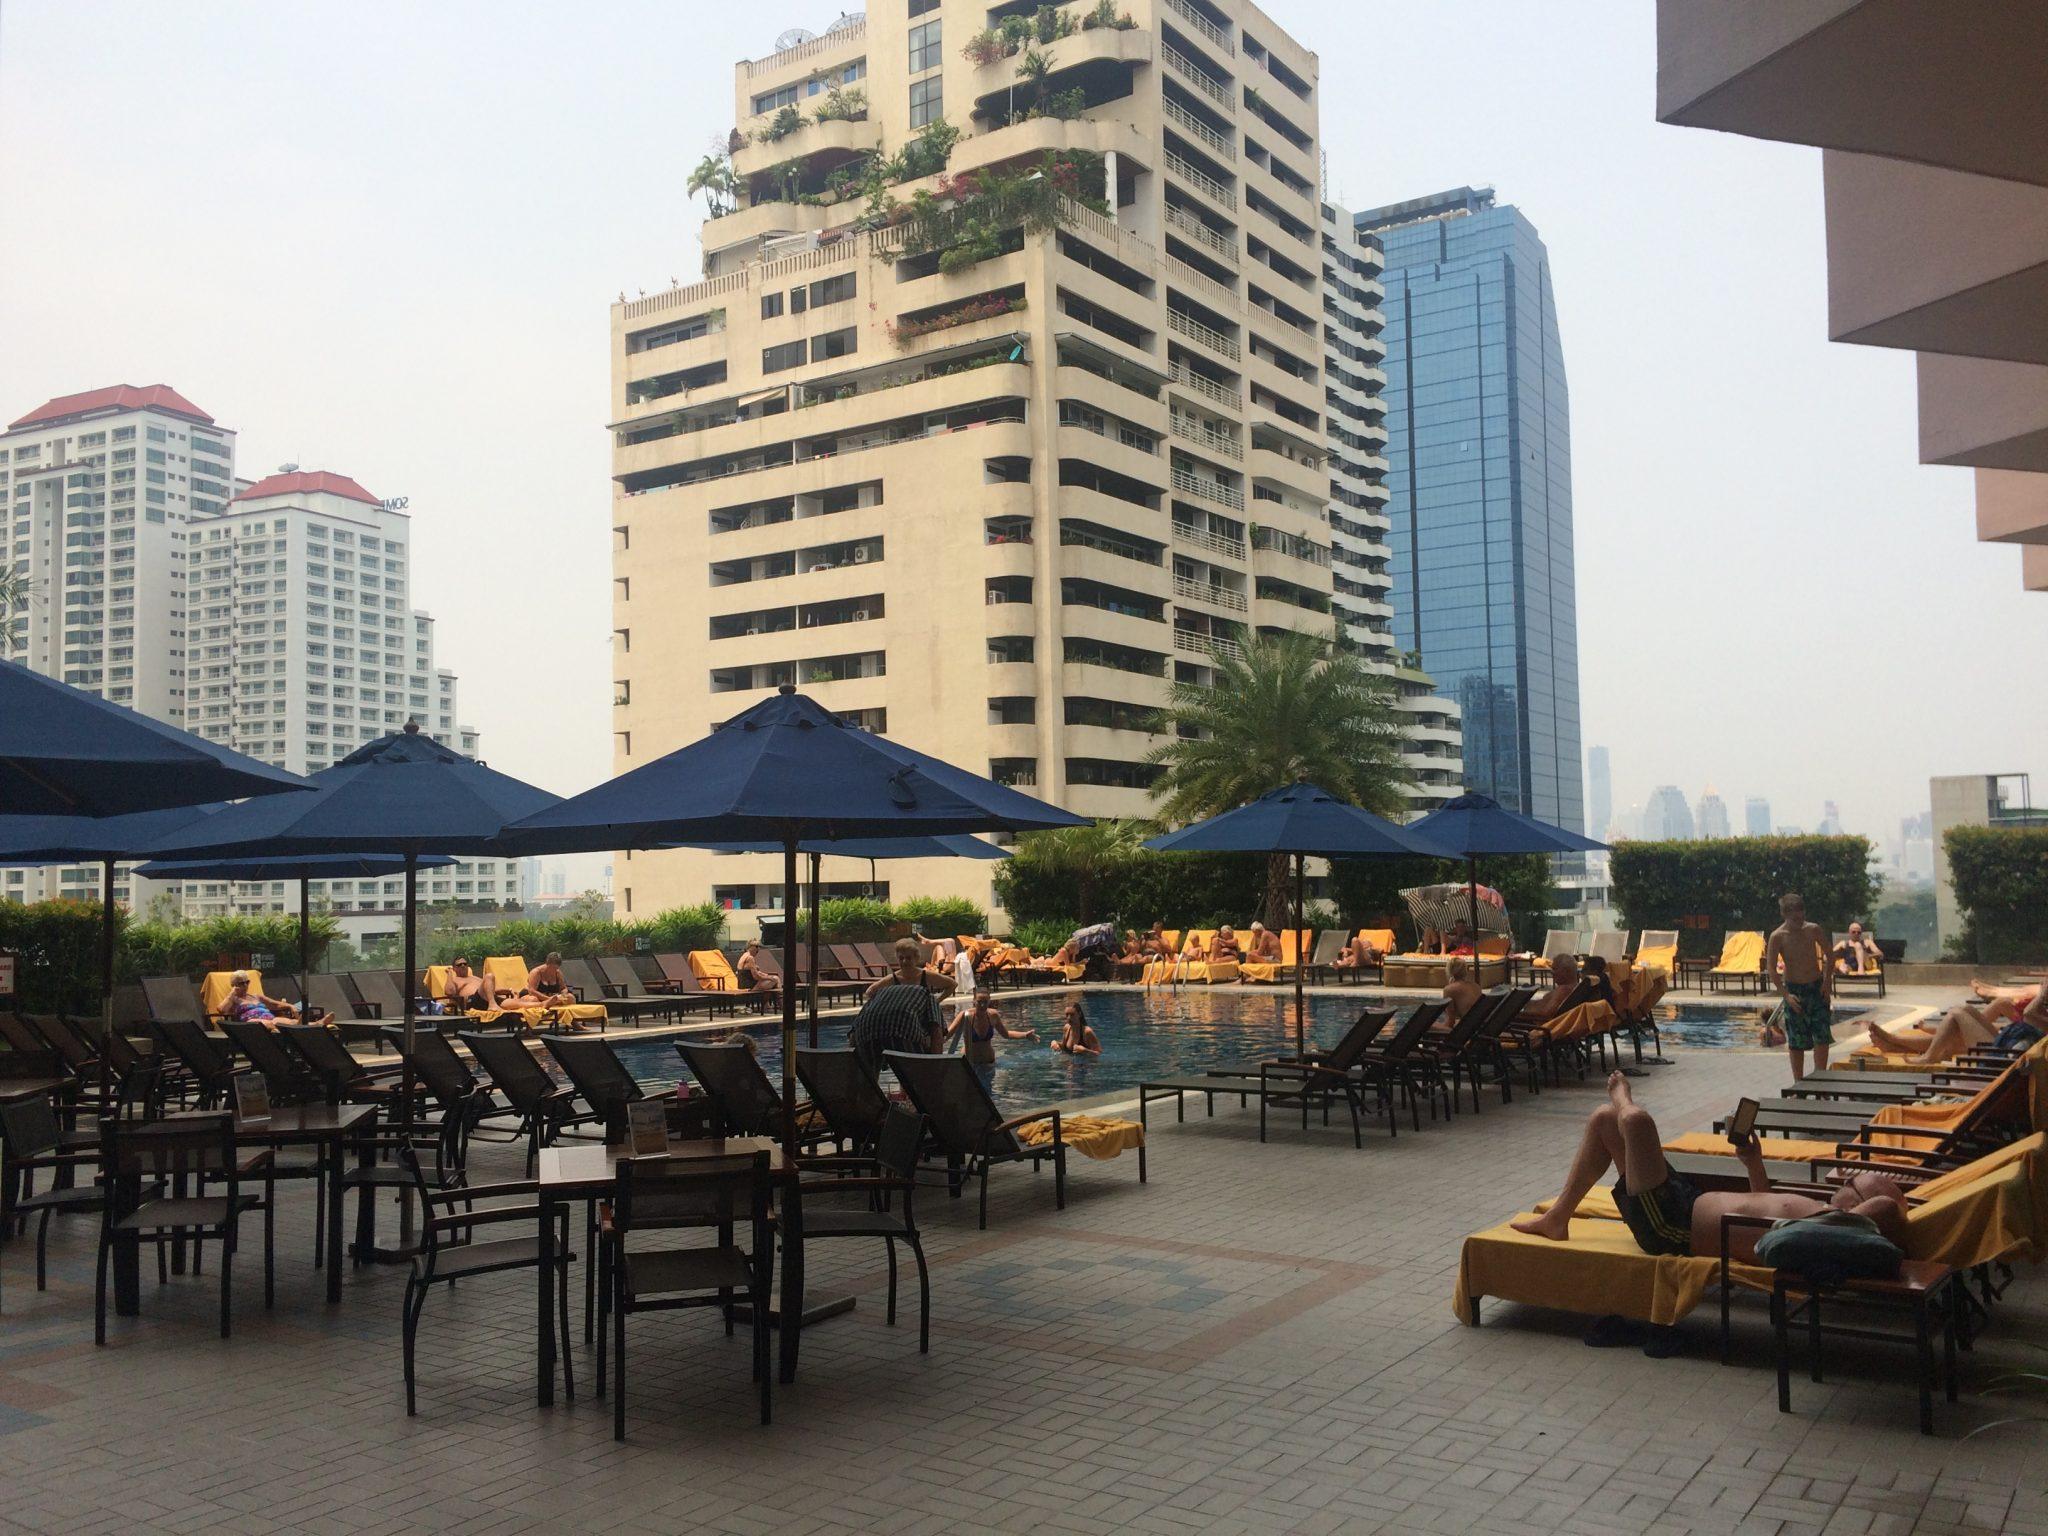 Rembrandt hotell Bangkok